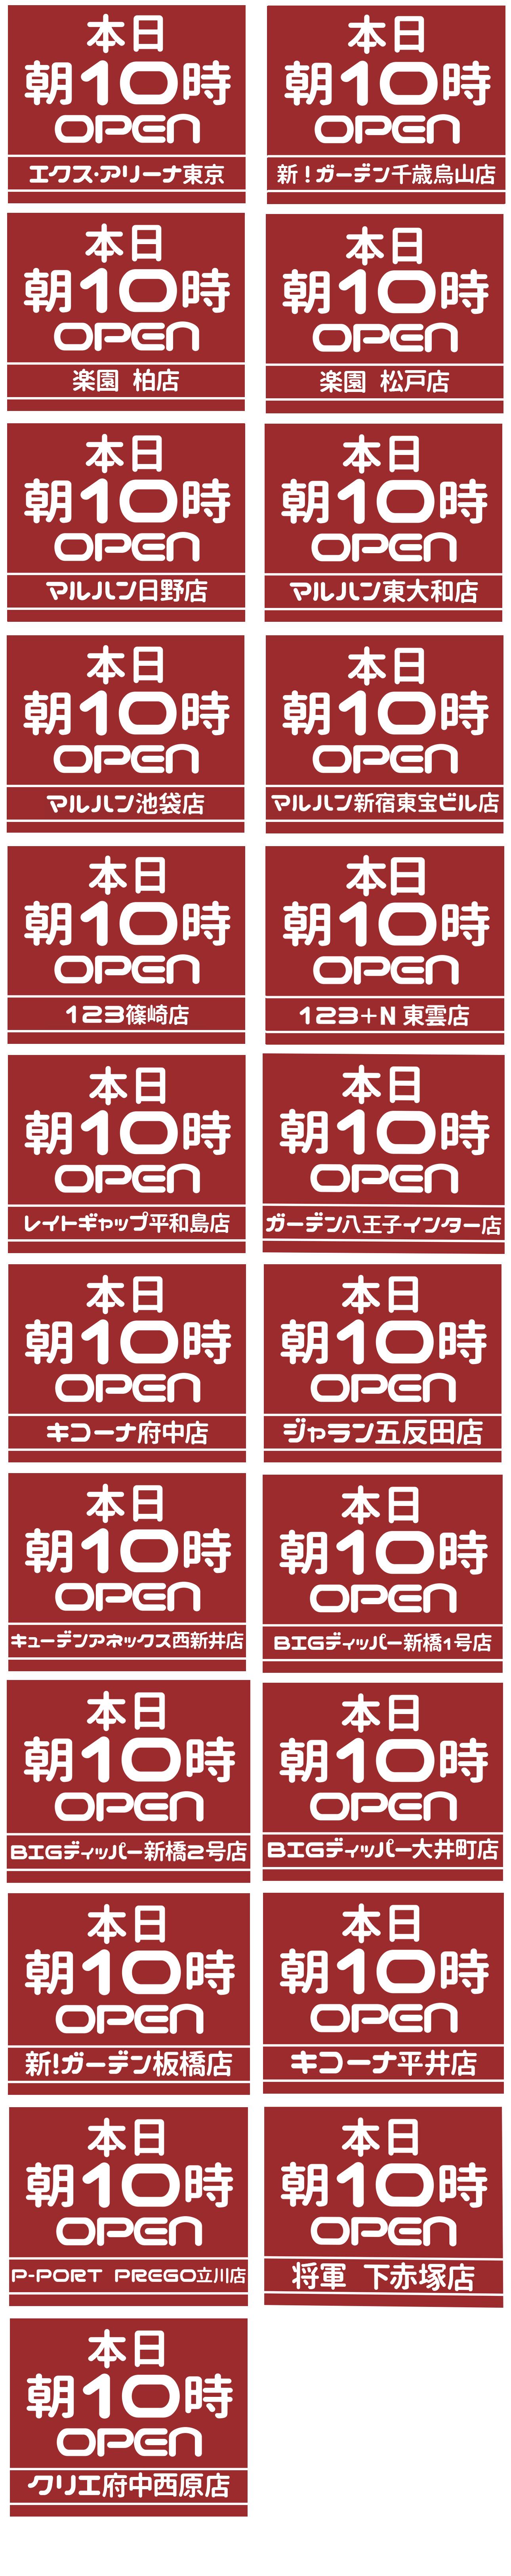 本日東京店舗一覧_1103